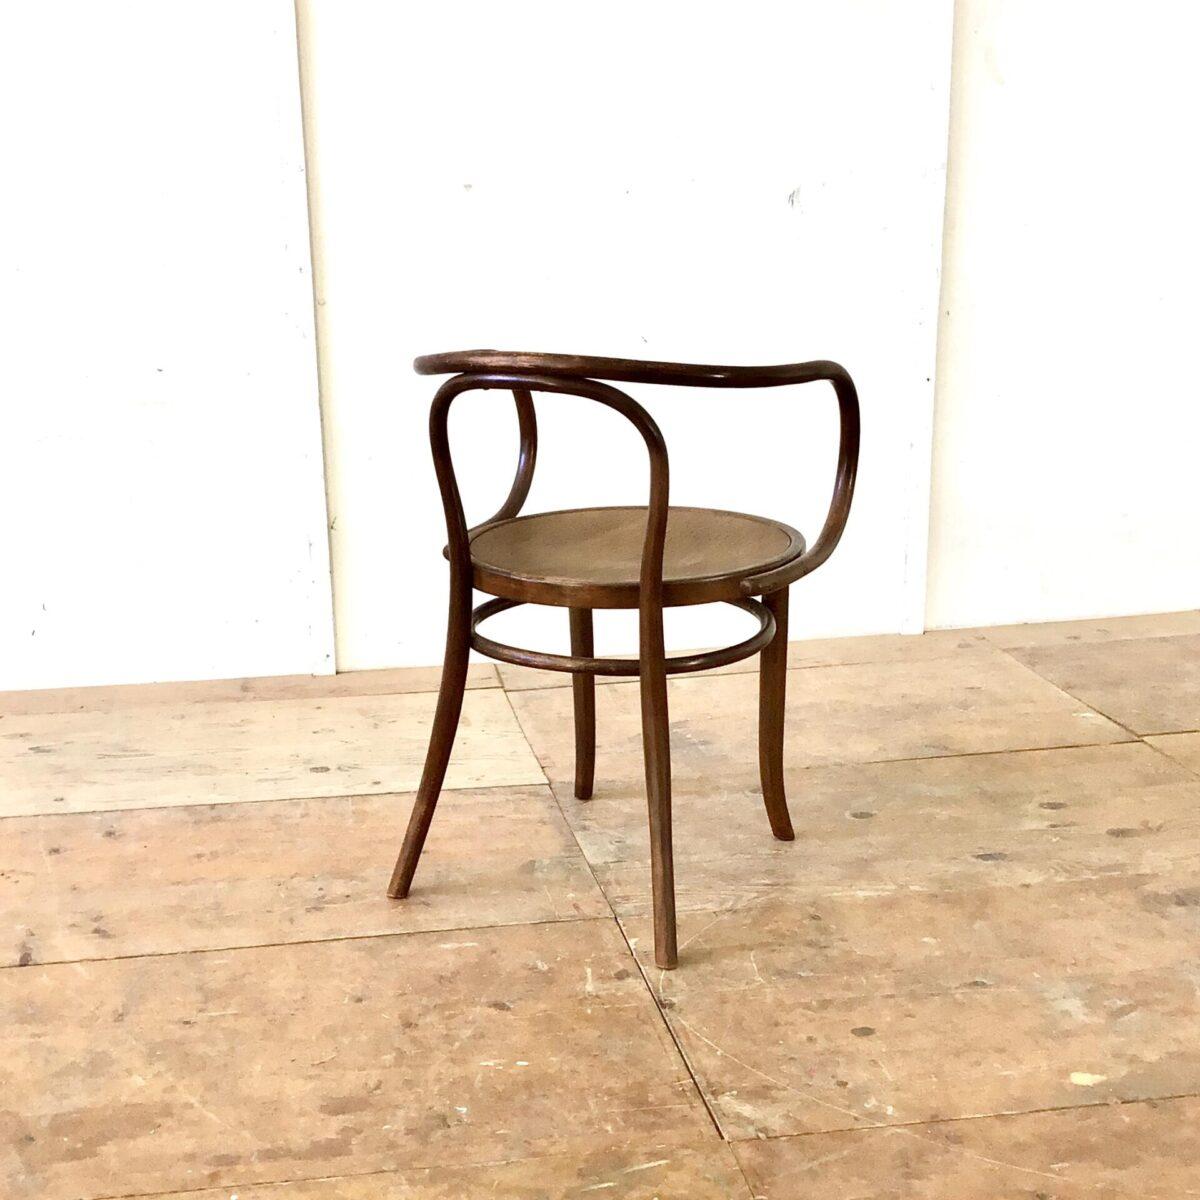 209 Bugholz Stuhl Thonet. Dunkelbraune warme Alterspatina. Die Sitzmulde ist leicht geprägt mit einem Krokodil Muster.